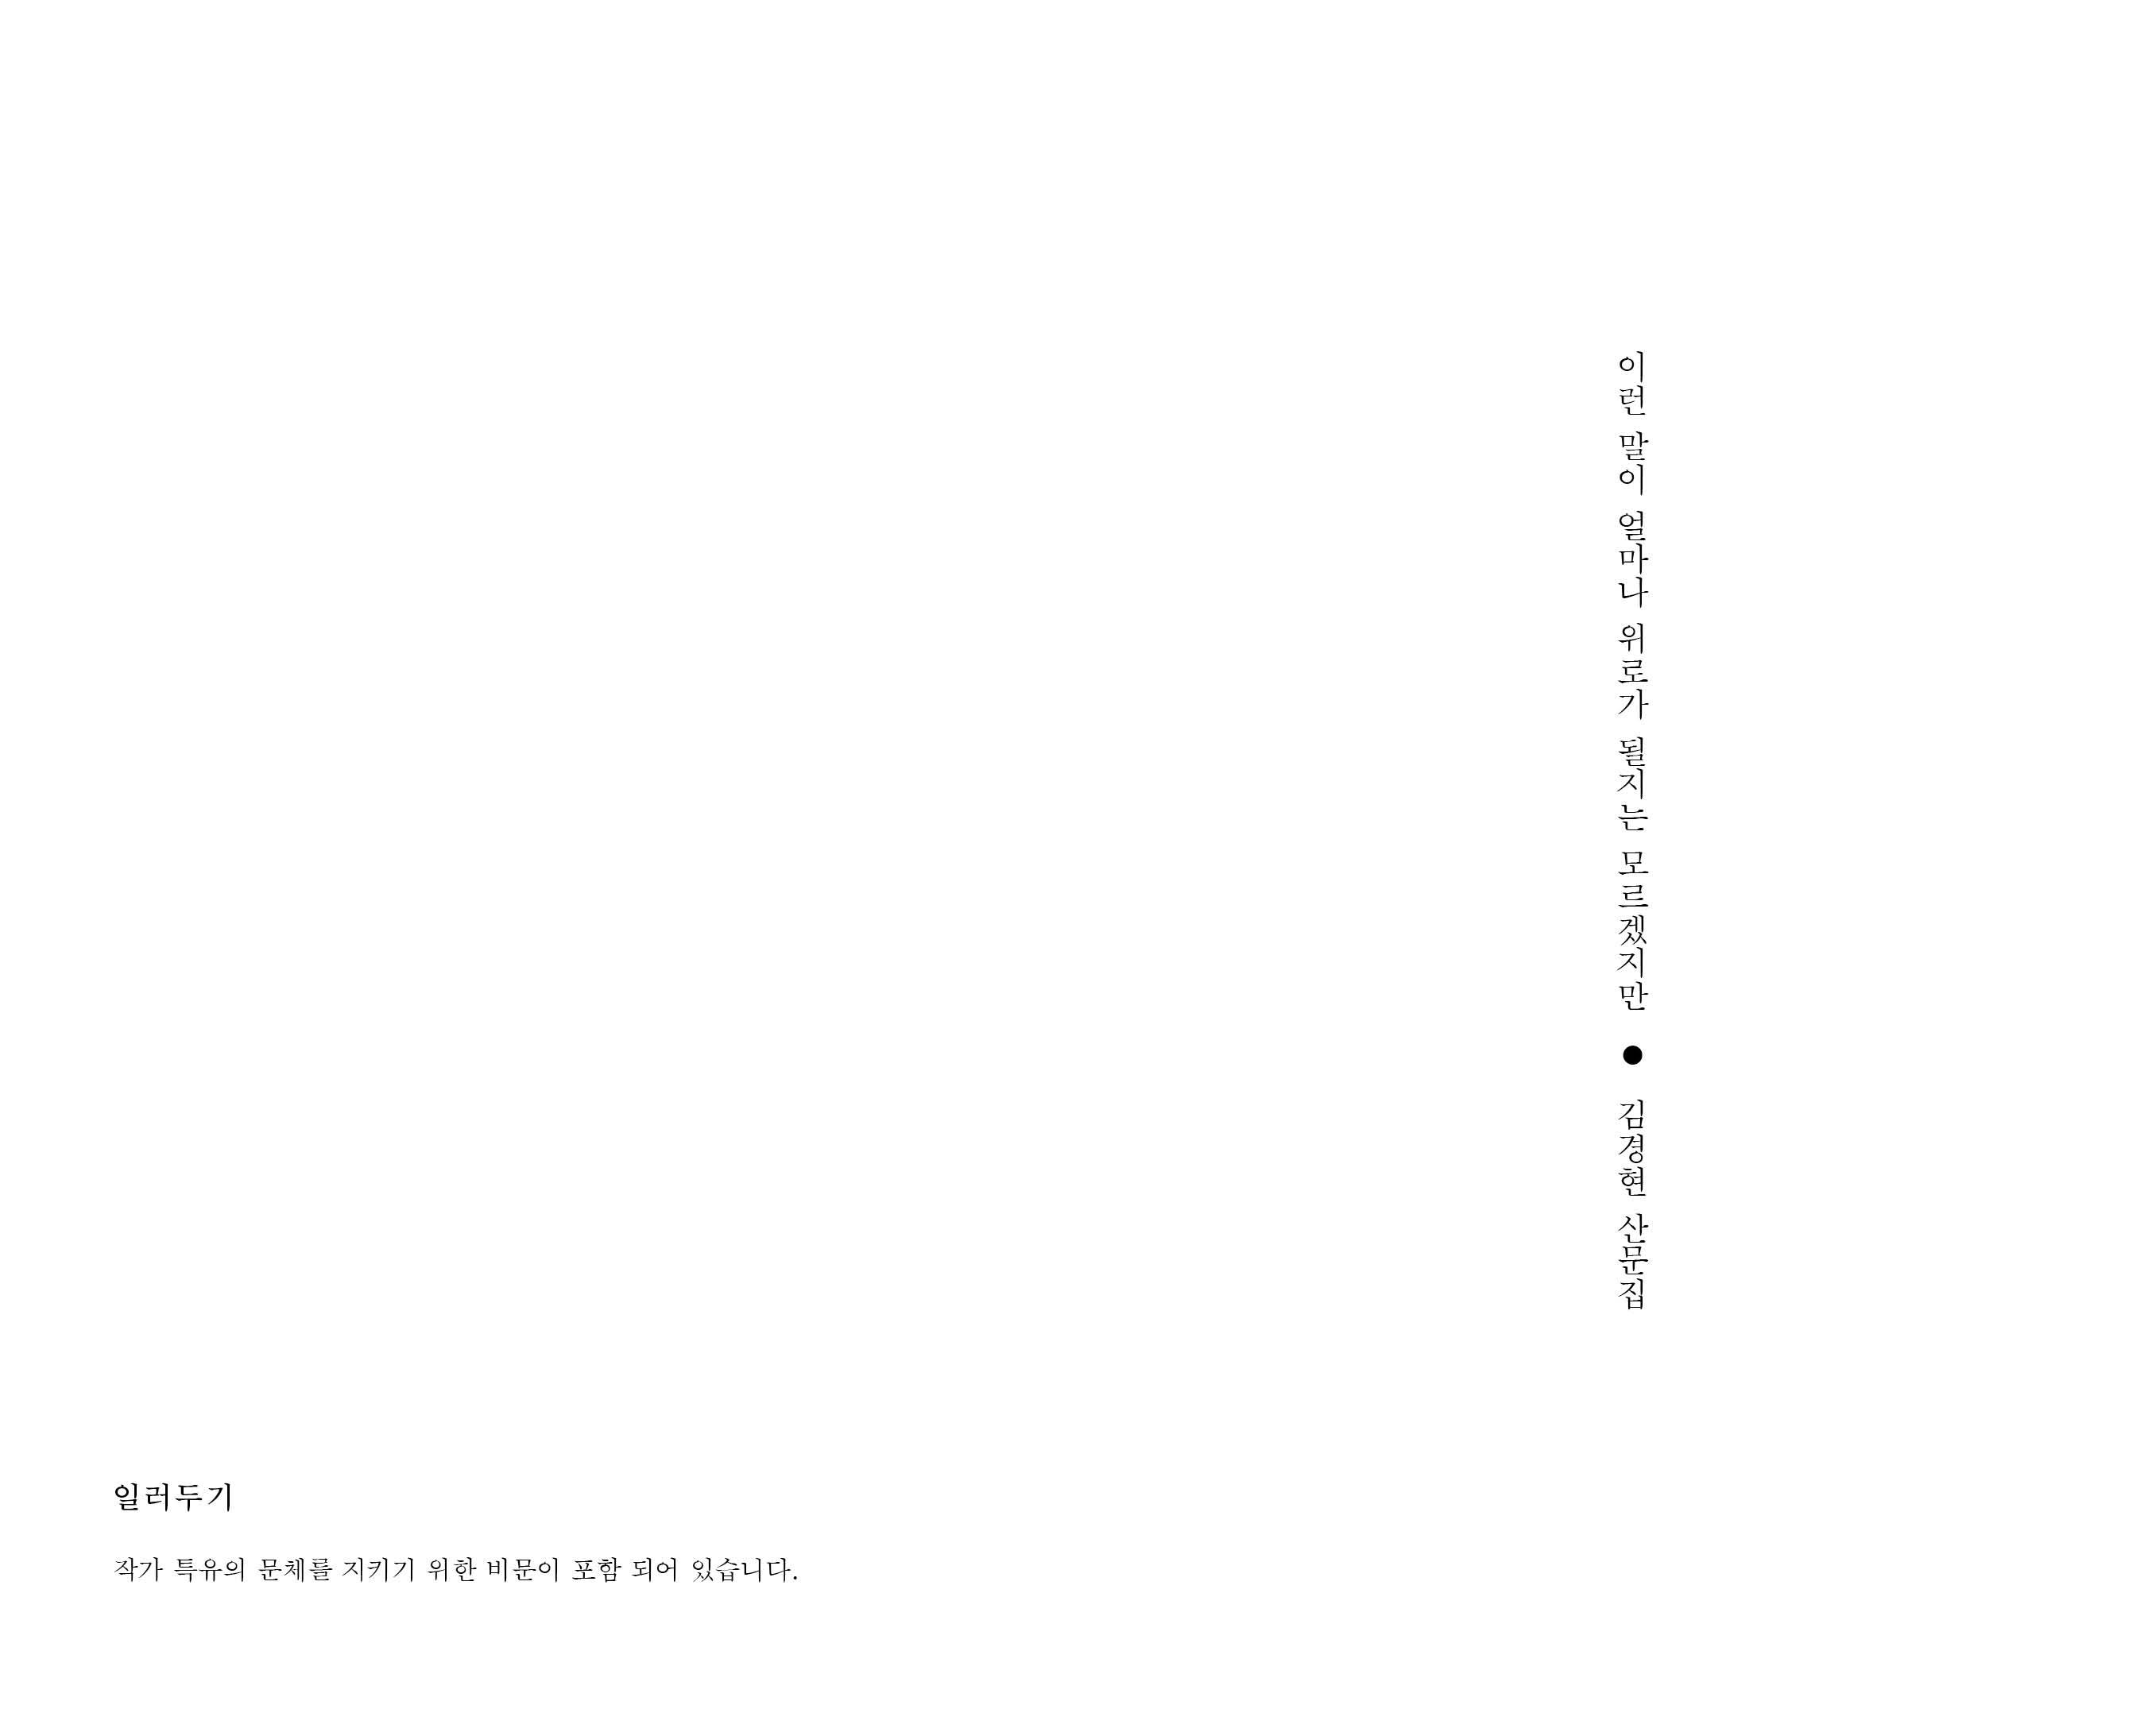 이런 말이 얼마나 위로가 될지는 모르겠지만 / 김경현 산문집 / 별빛들 / 다시서점 : 다시서점